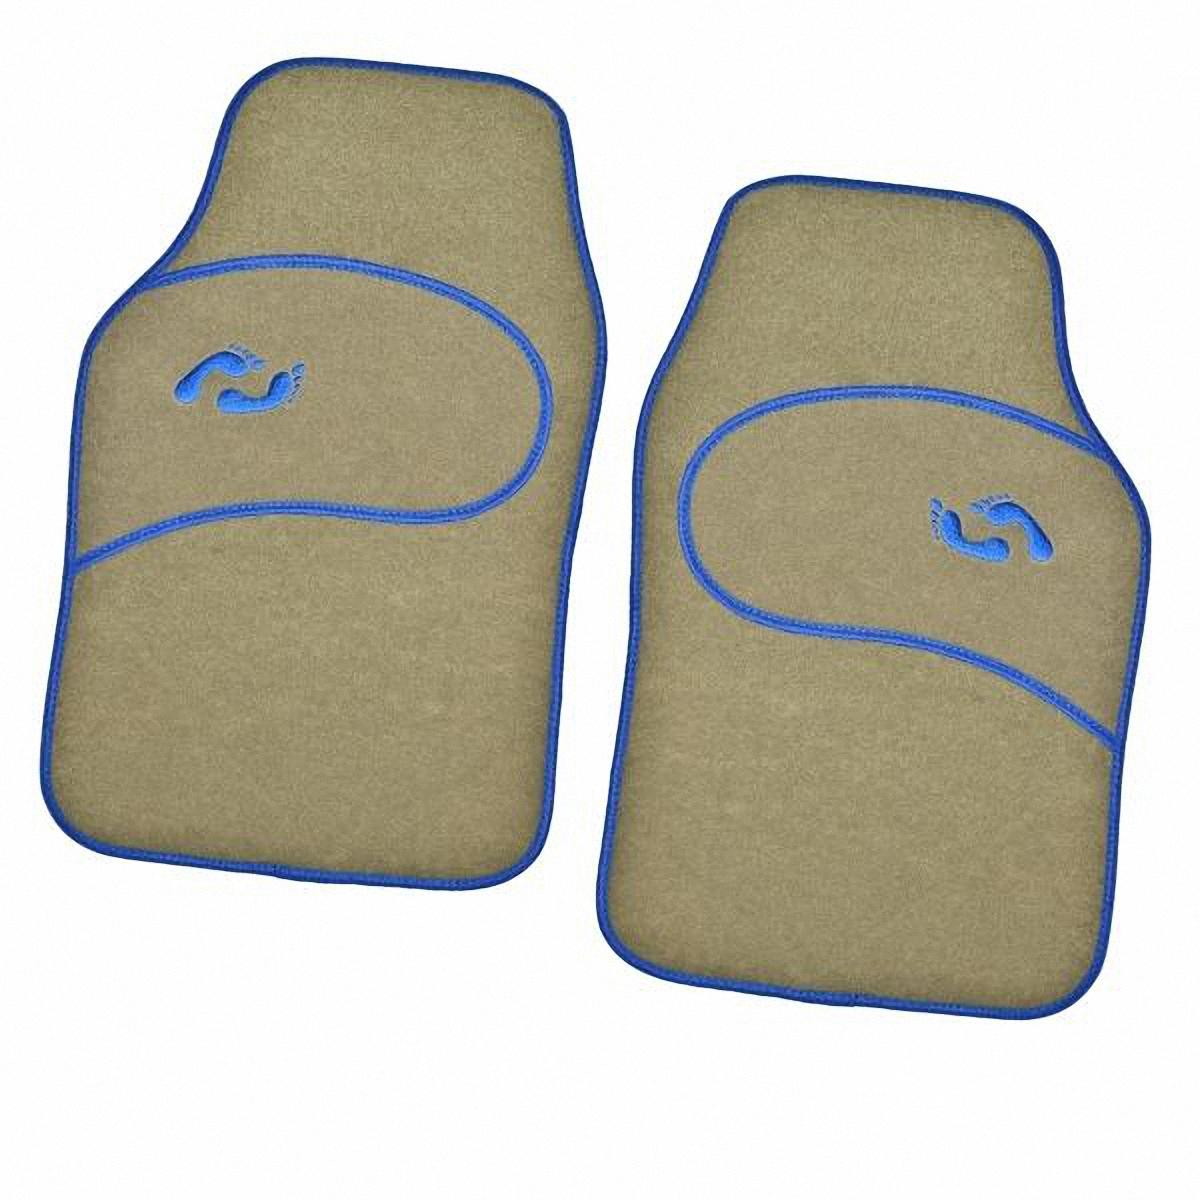 Коврик в салон передний Skyway. TS8003S-2F BE/S01701007TS8003S-2F BE/S01701007Коврик салона передний 2 предмета SKYWAY текстильный, бежевый (размер: 66*44 см) TS8003S-2F BE/S01701007. Комплект универсальных передних ковриков салона. Особенности: Коврики сохраняют эластичность даже при экстремально низких и высоких температурах (от -50°С до +50°С). Обладают повышенной устойчивостью к износу и агрессивным средам, таким как антигололёдные реагенты, масло и топливо. Усовершенствованная конструкция изделия обеспечивает плотное прилегание и надёжную фиксацию коврика на полу автомобиля.